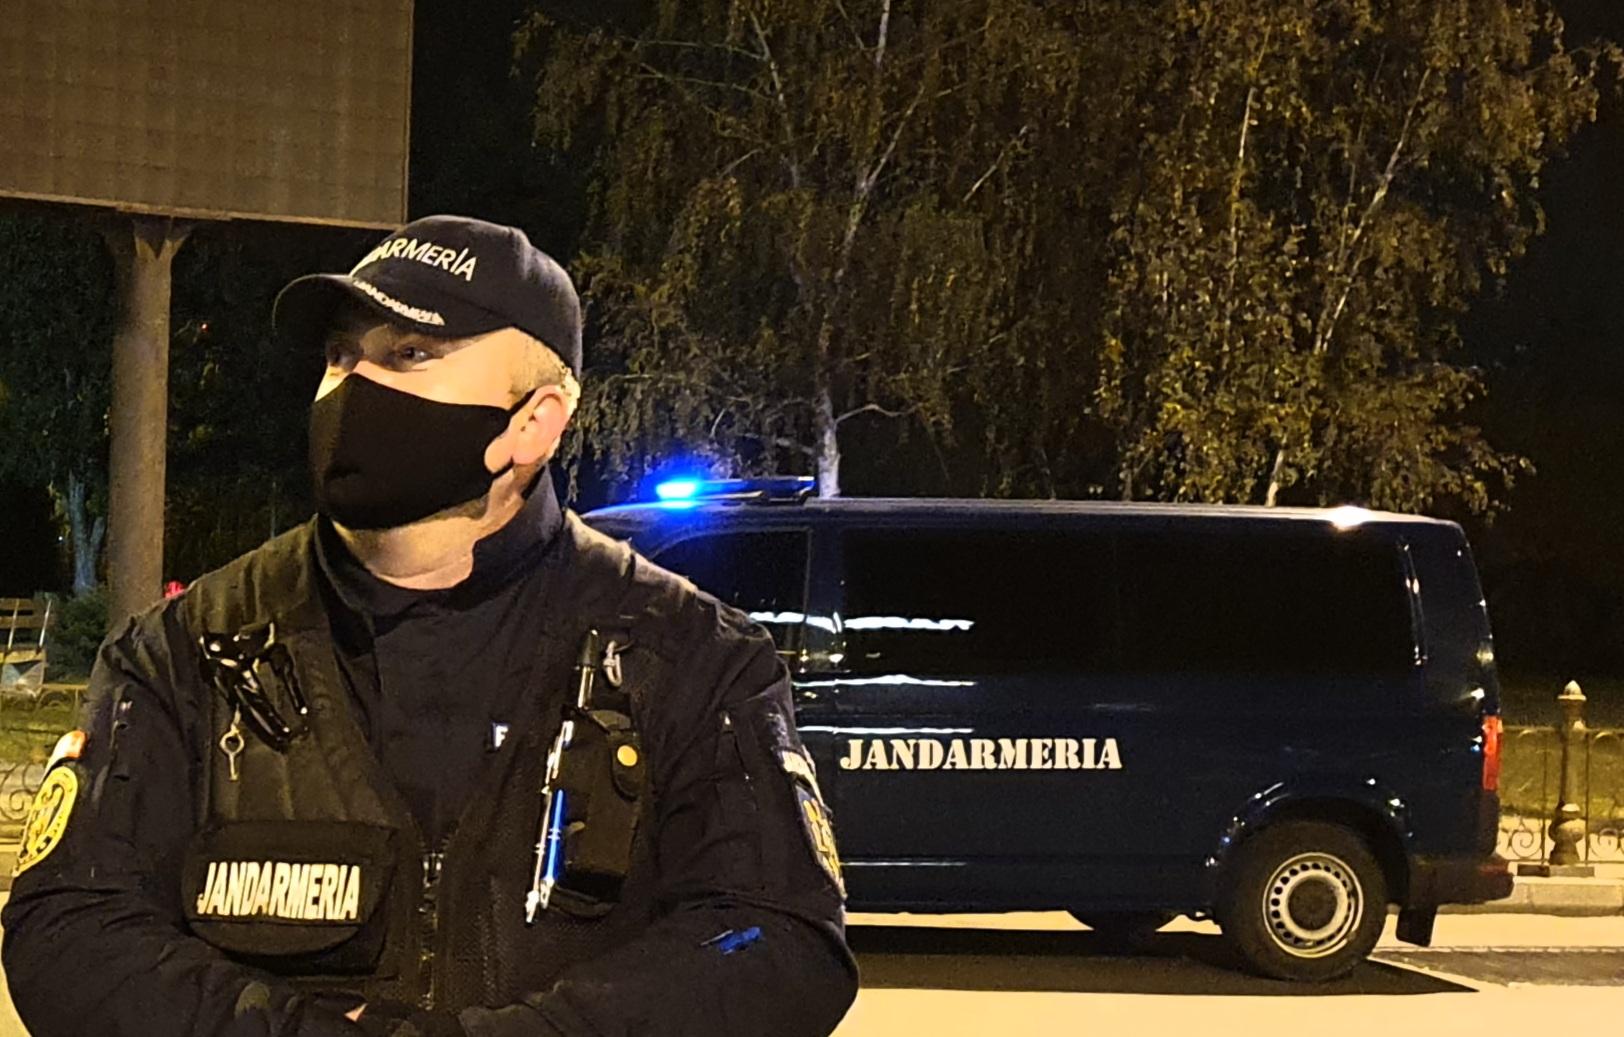 Un bărbat a cerut sprijinul jandarmilor, după ce a fost strâns de gât de fiul său